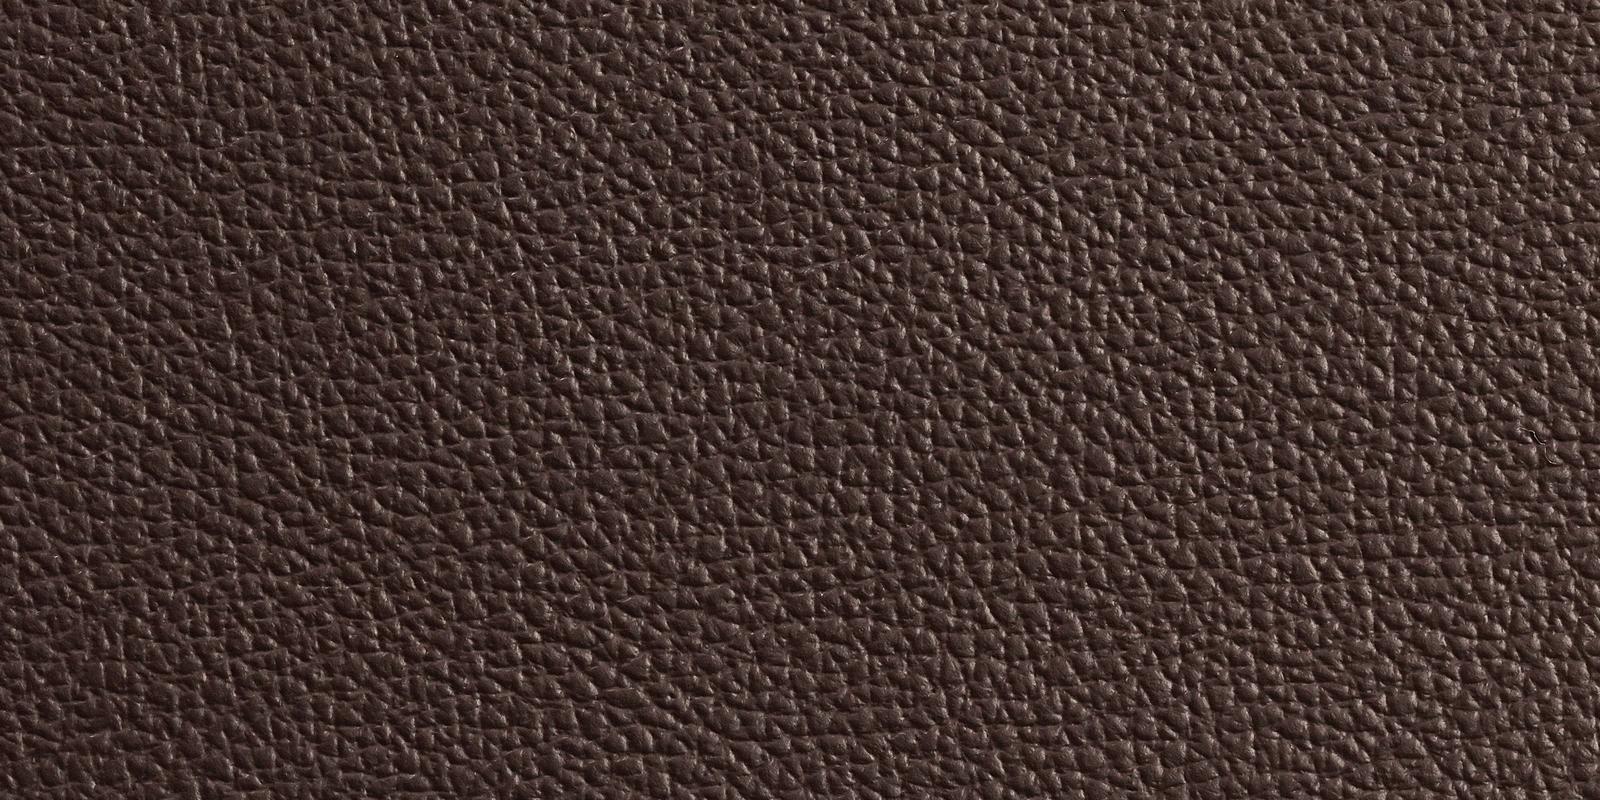 Кресло кожаное Камелот Шоколадный (Натуральная кожа) от HomeMe.ru